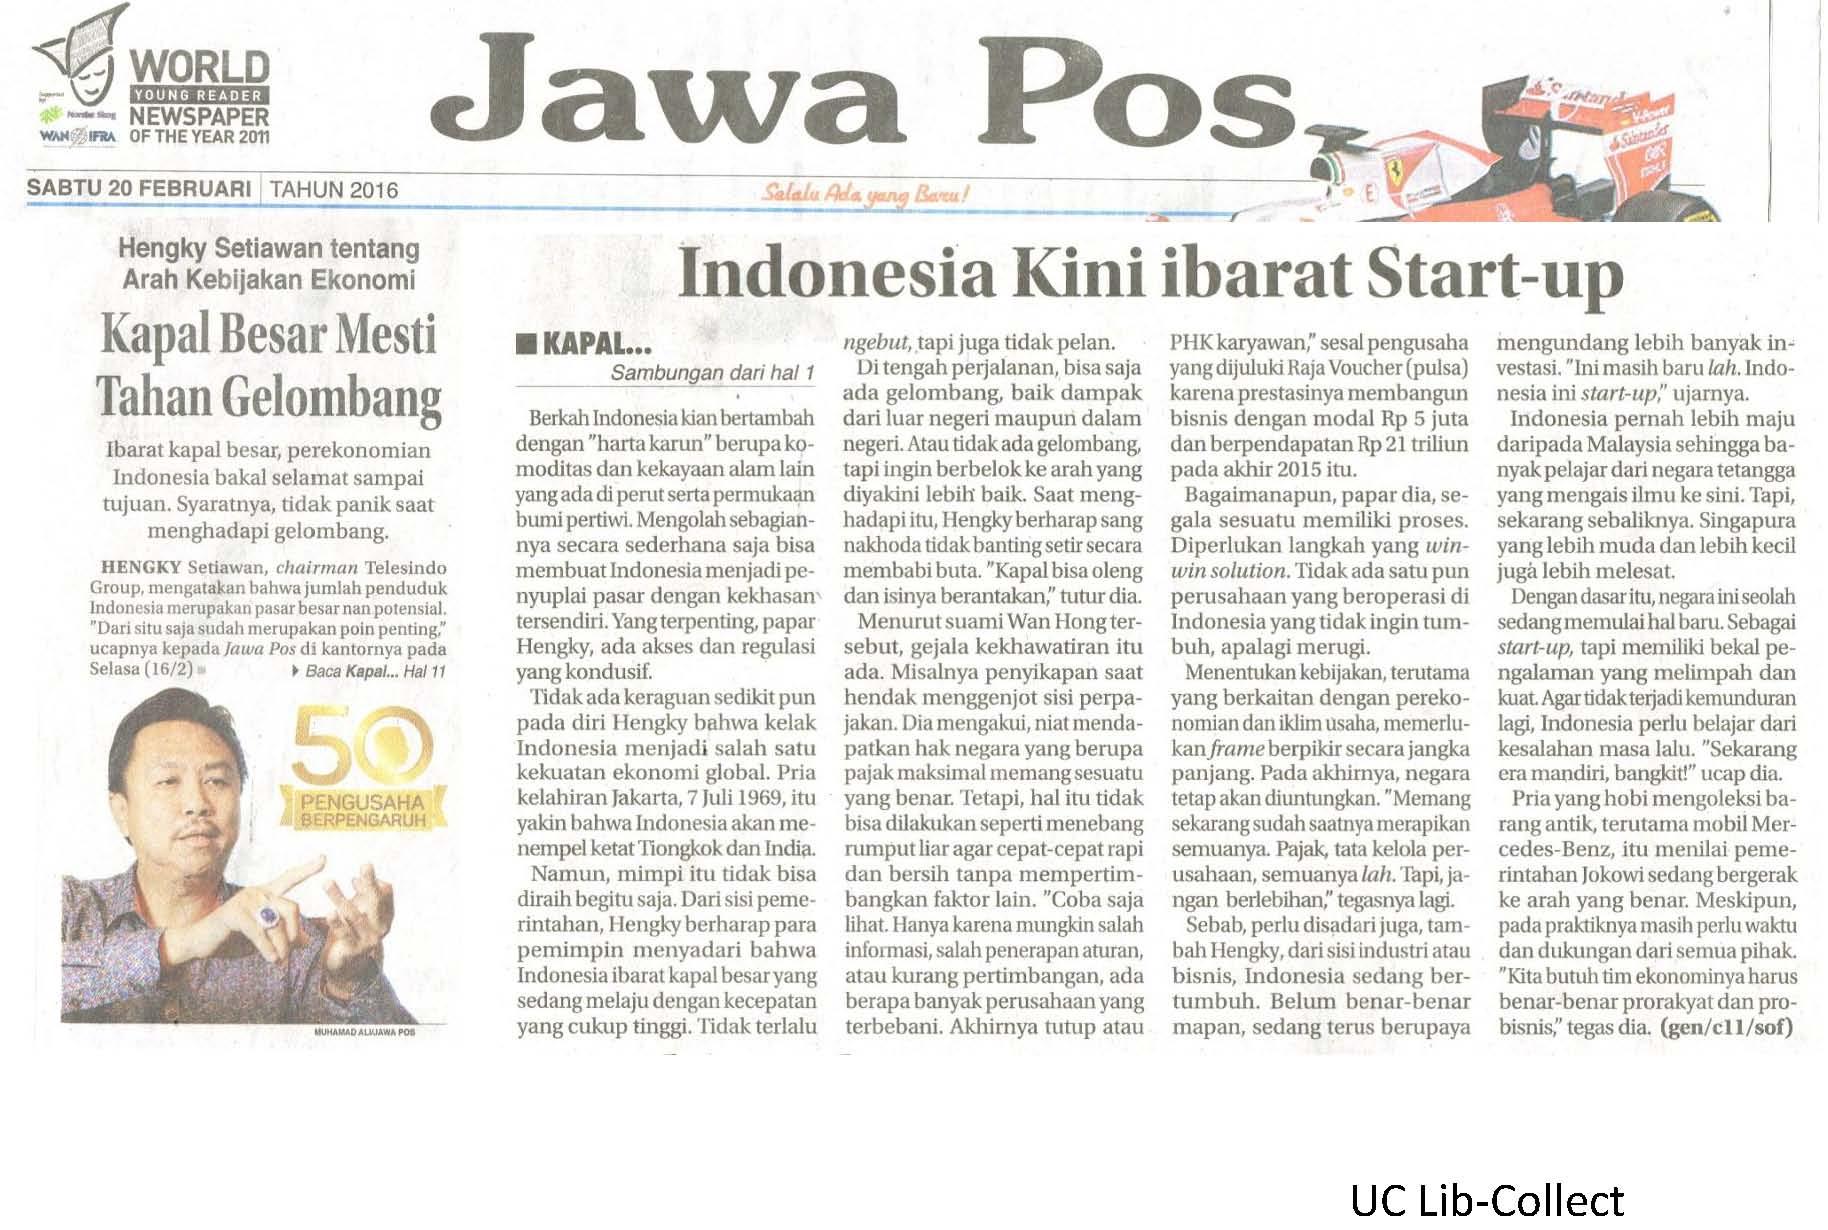 20 Februari 2016.Hengky Setiawan tentang Arah Kebijakan Ekonomi_Kapal Besar Mesti Tahan Gelombang. Jawa Pos.20 Februari 2016.Hal. 1,11